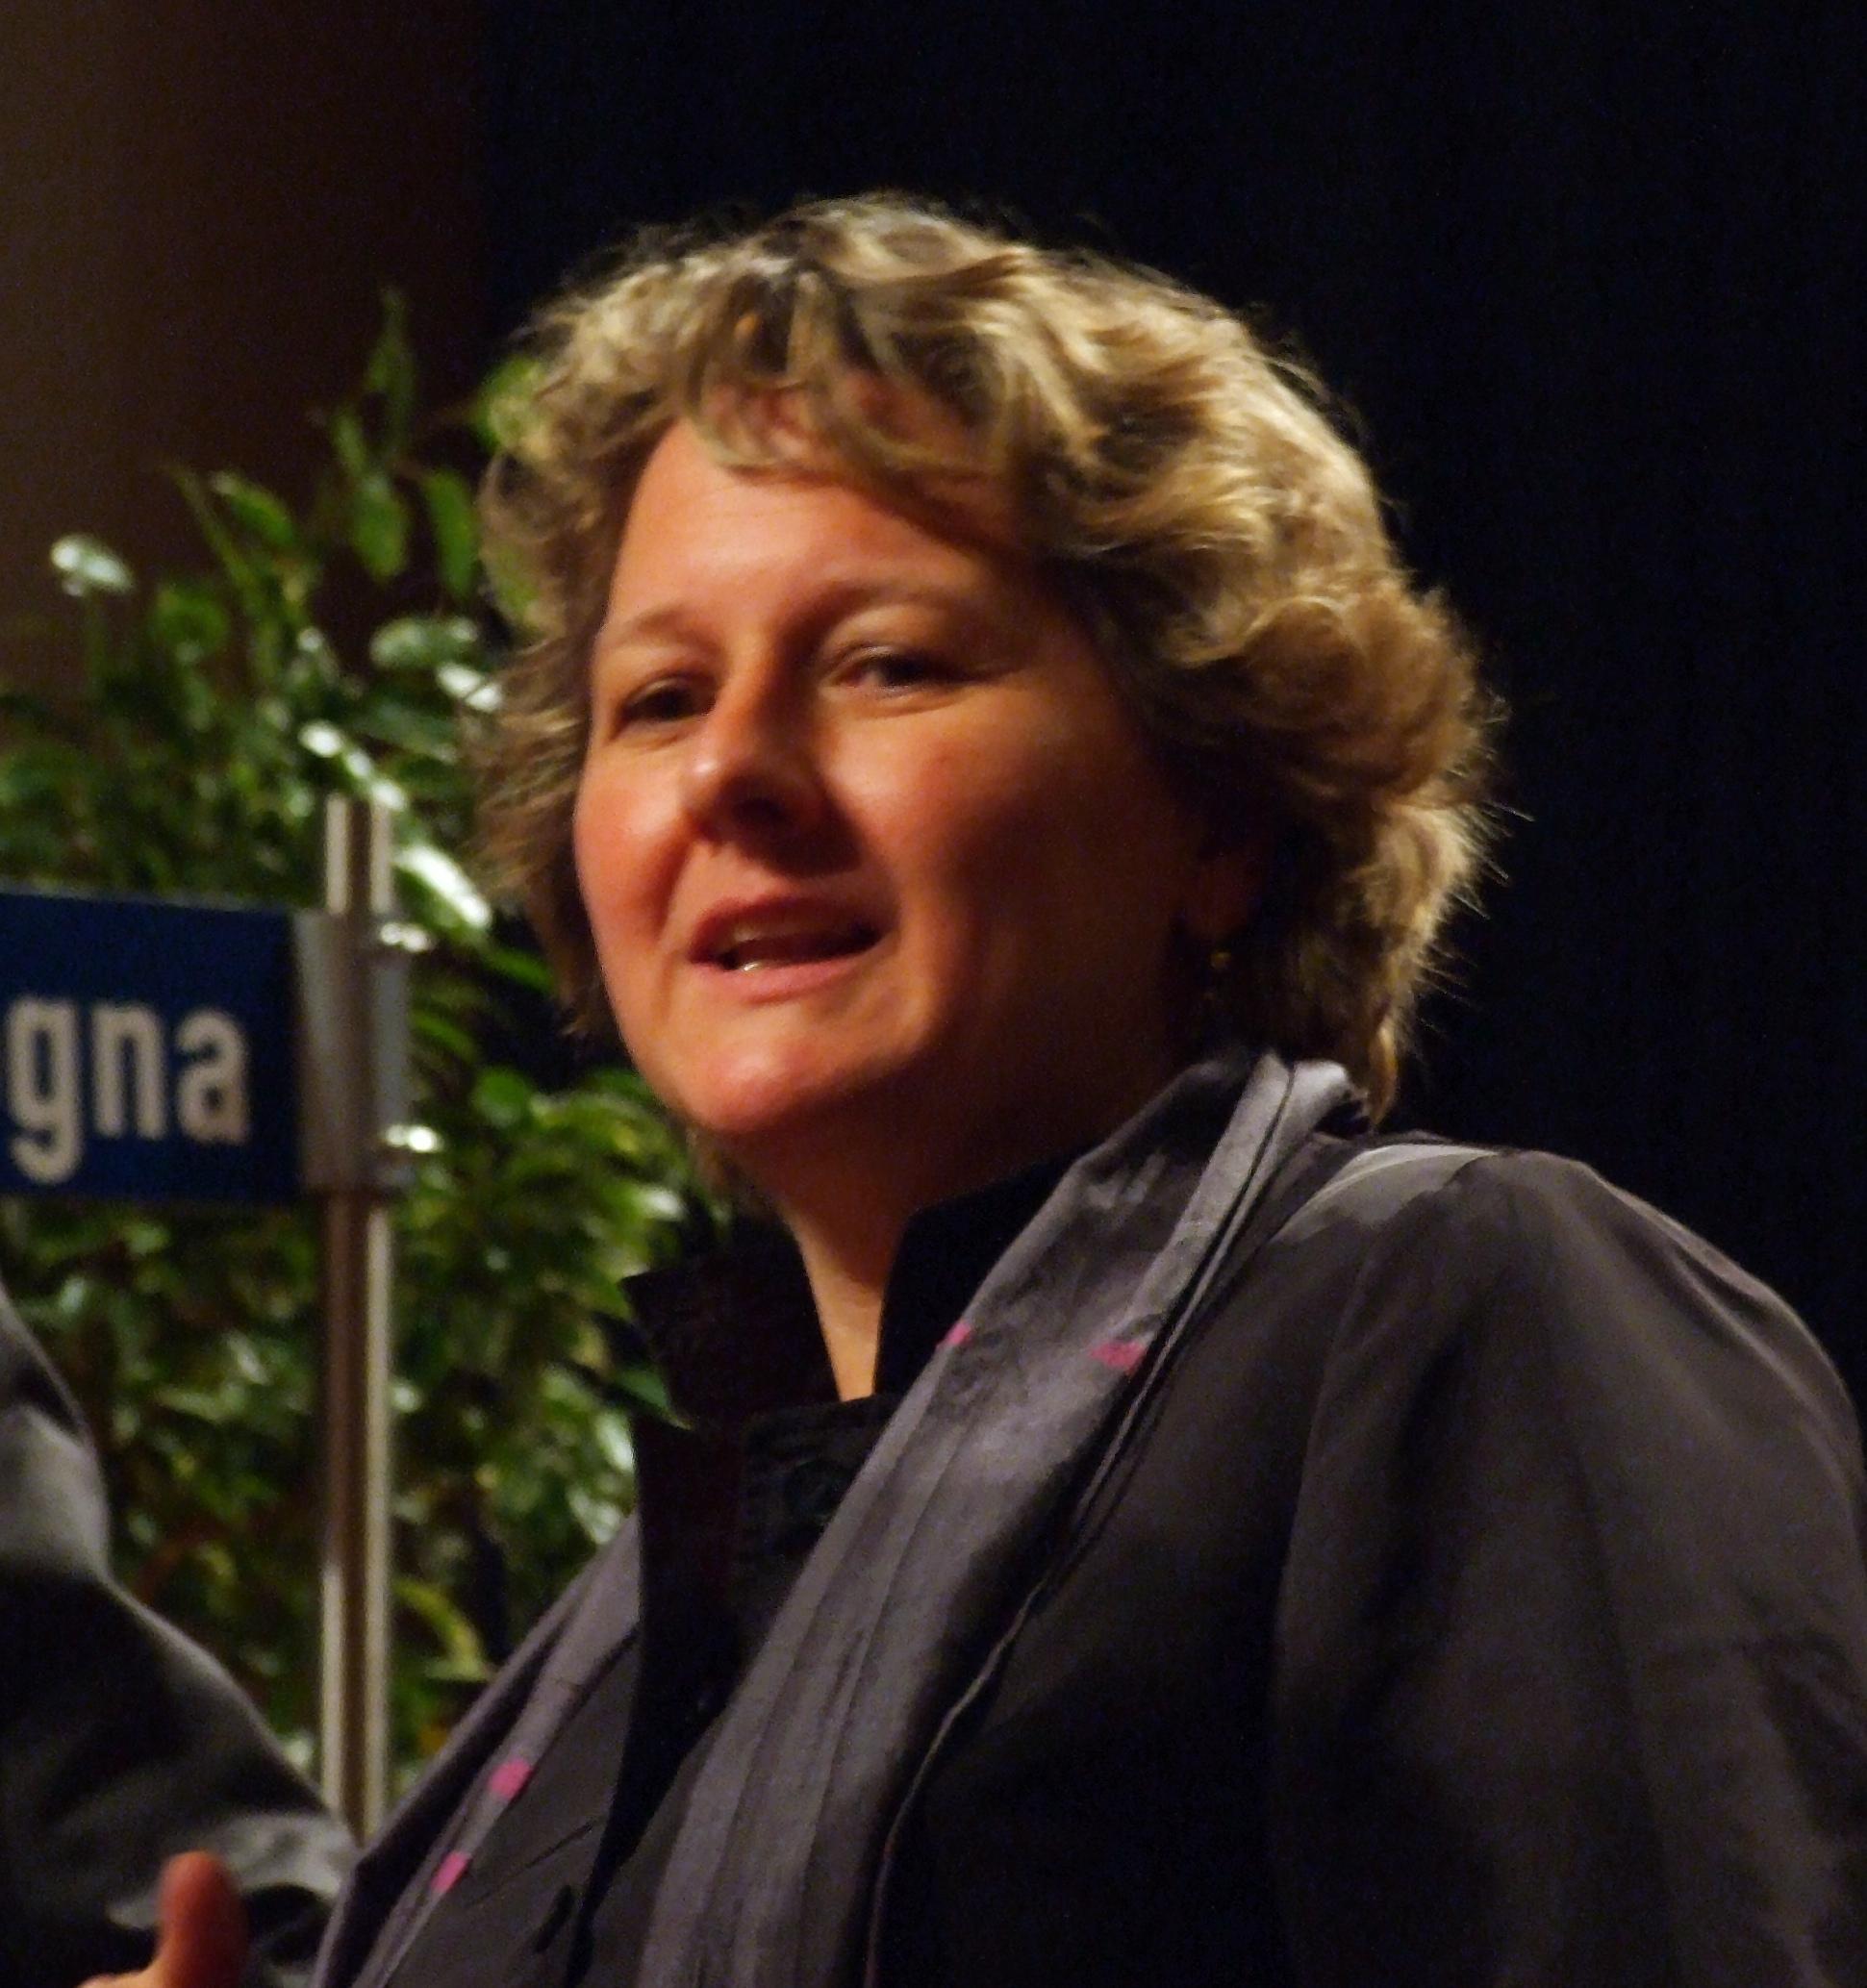 NRW-Wissenschaftsministerin Svenja Schulze zeigt sich optimistisch, dass es genügend Studienplätze für den Doppeljahrgang gibt. (Foto: Euku/Wikimedia CC BY-SA 3.0)